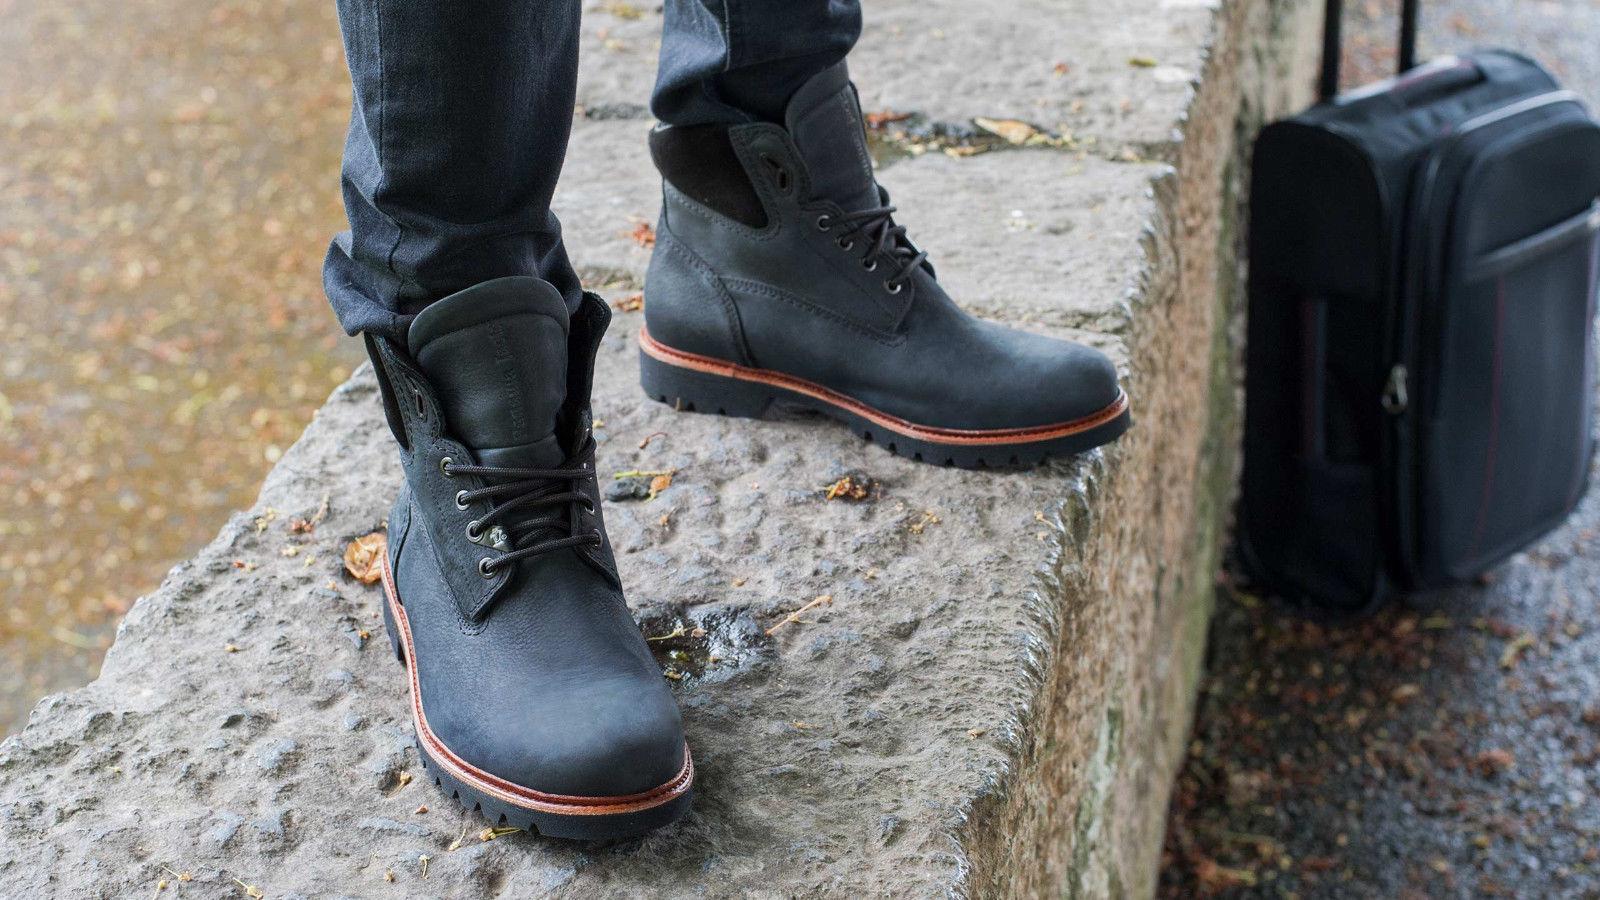 2019 год - Модные модели мужской обуви 2019 года